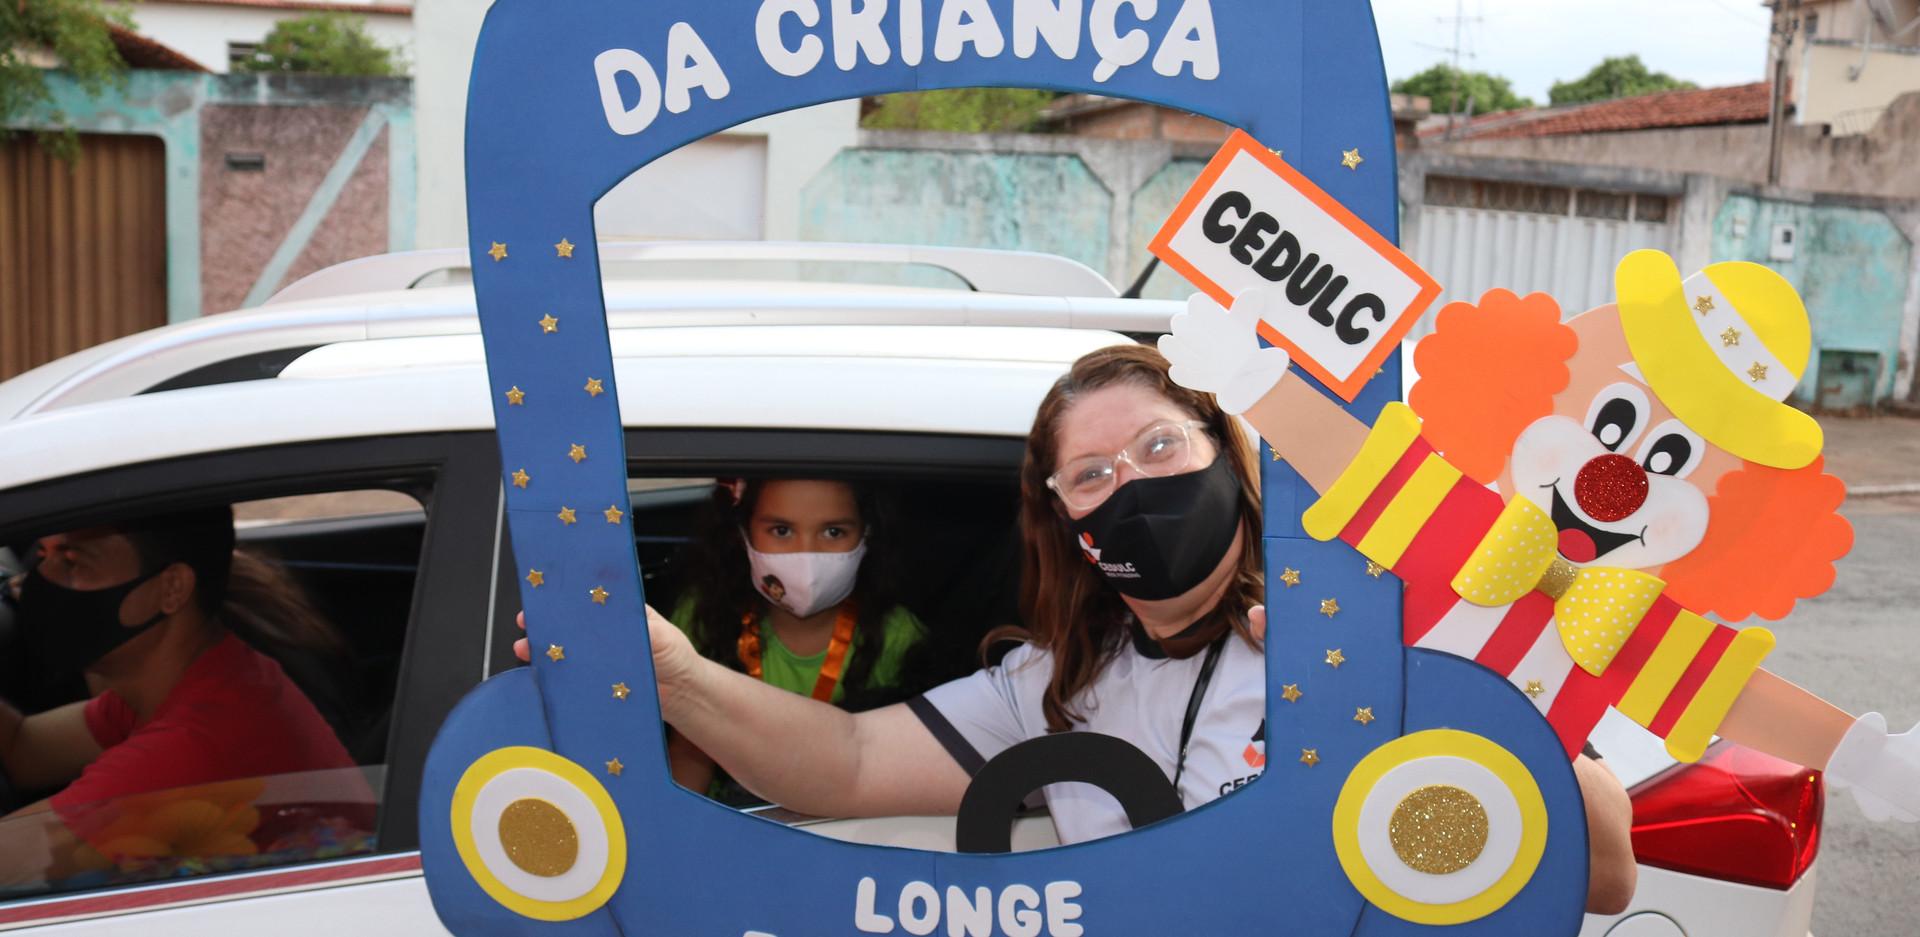 SEMANA DA CRIANCA NO CEDULC (120).JPG